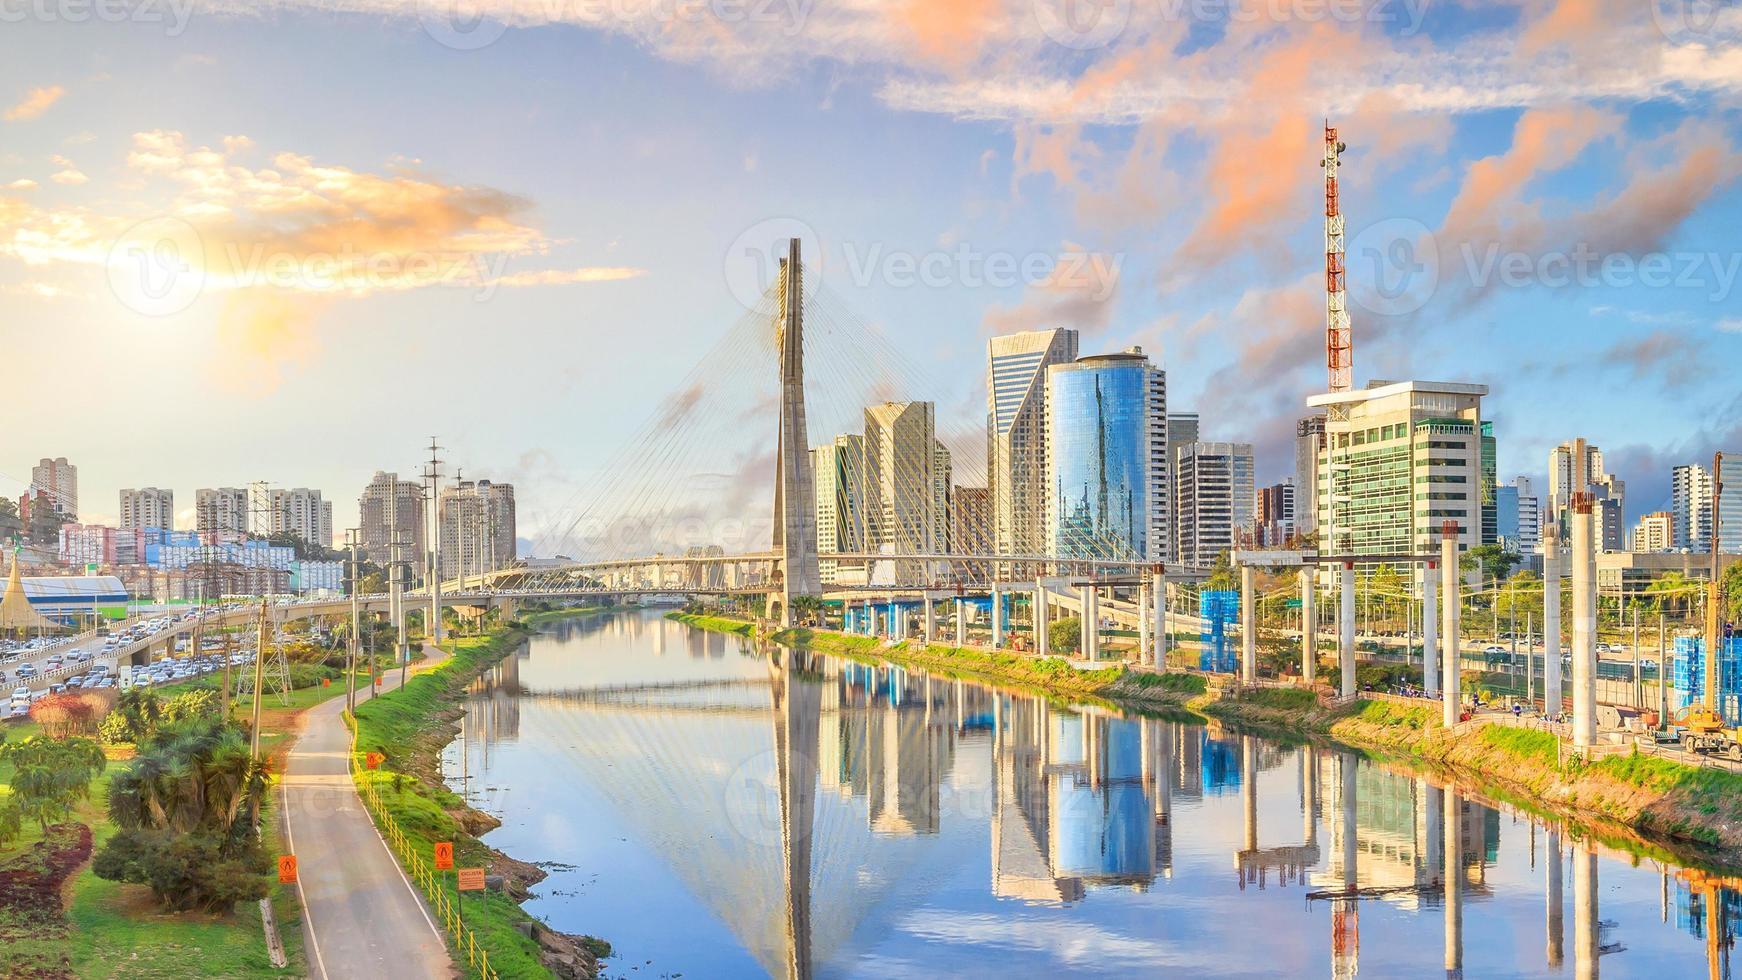 Octavio Frias de Oliveira-brug in Sao Paulo foto